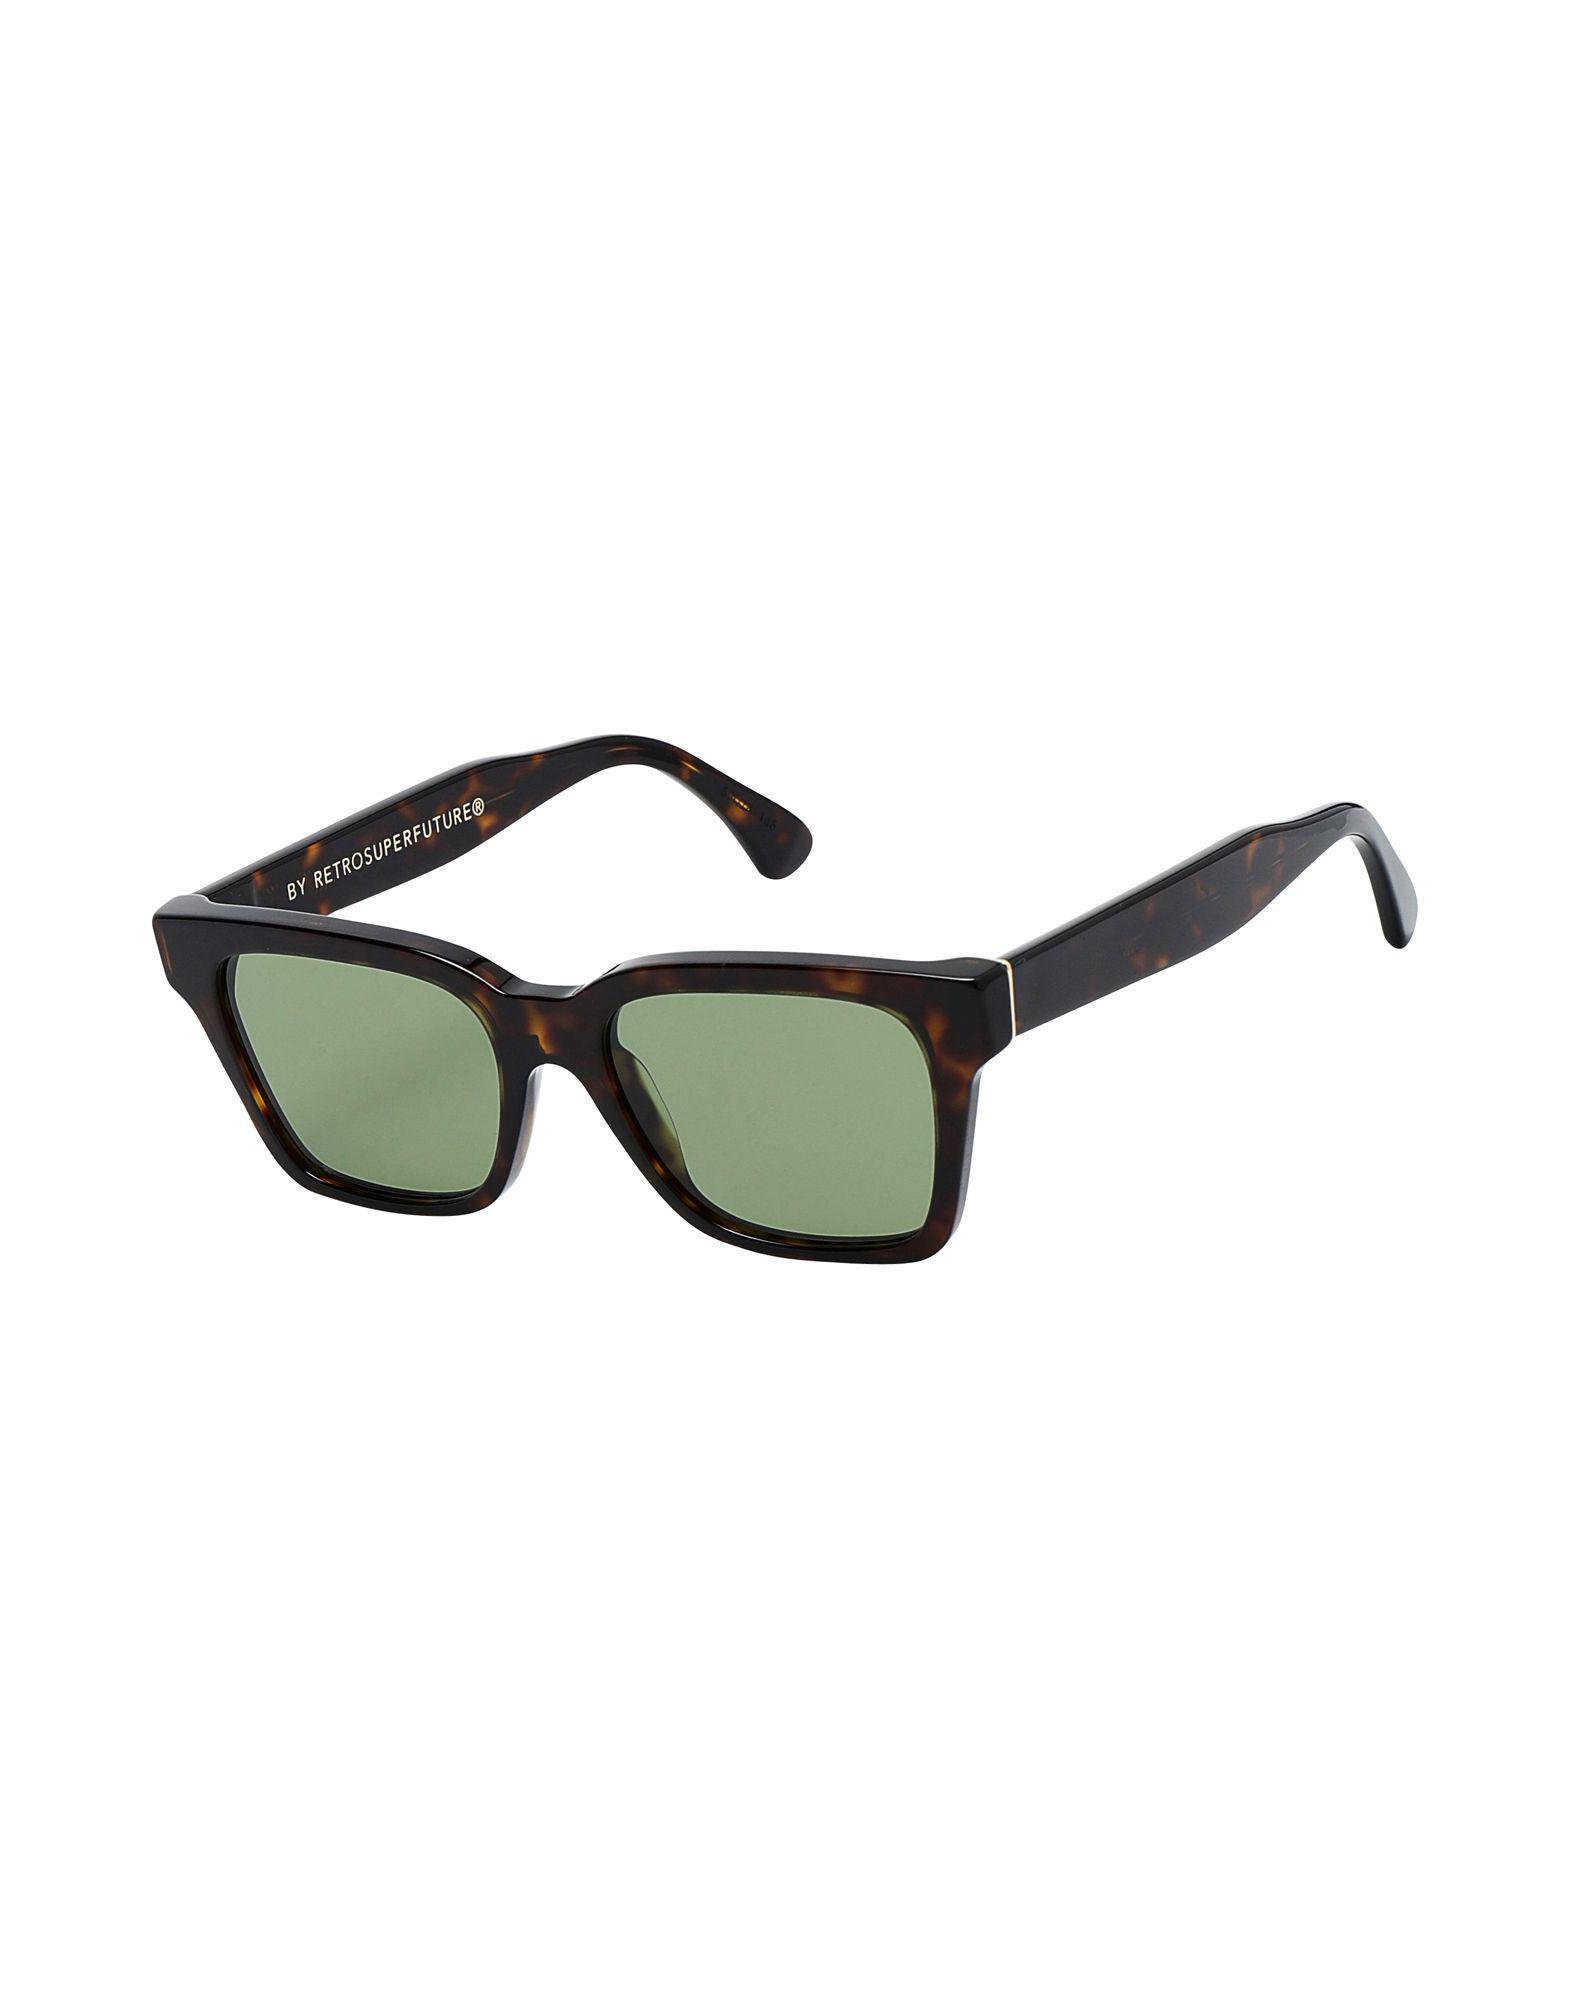 f52725b7a5 Gafas de sol Retrosuperfuture de hombre de color Verde - Lyst